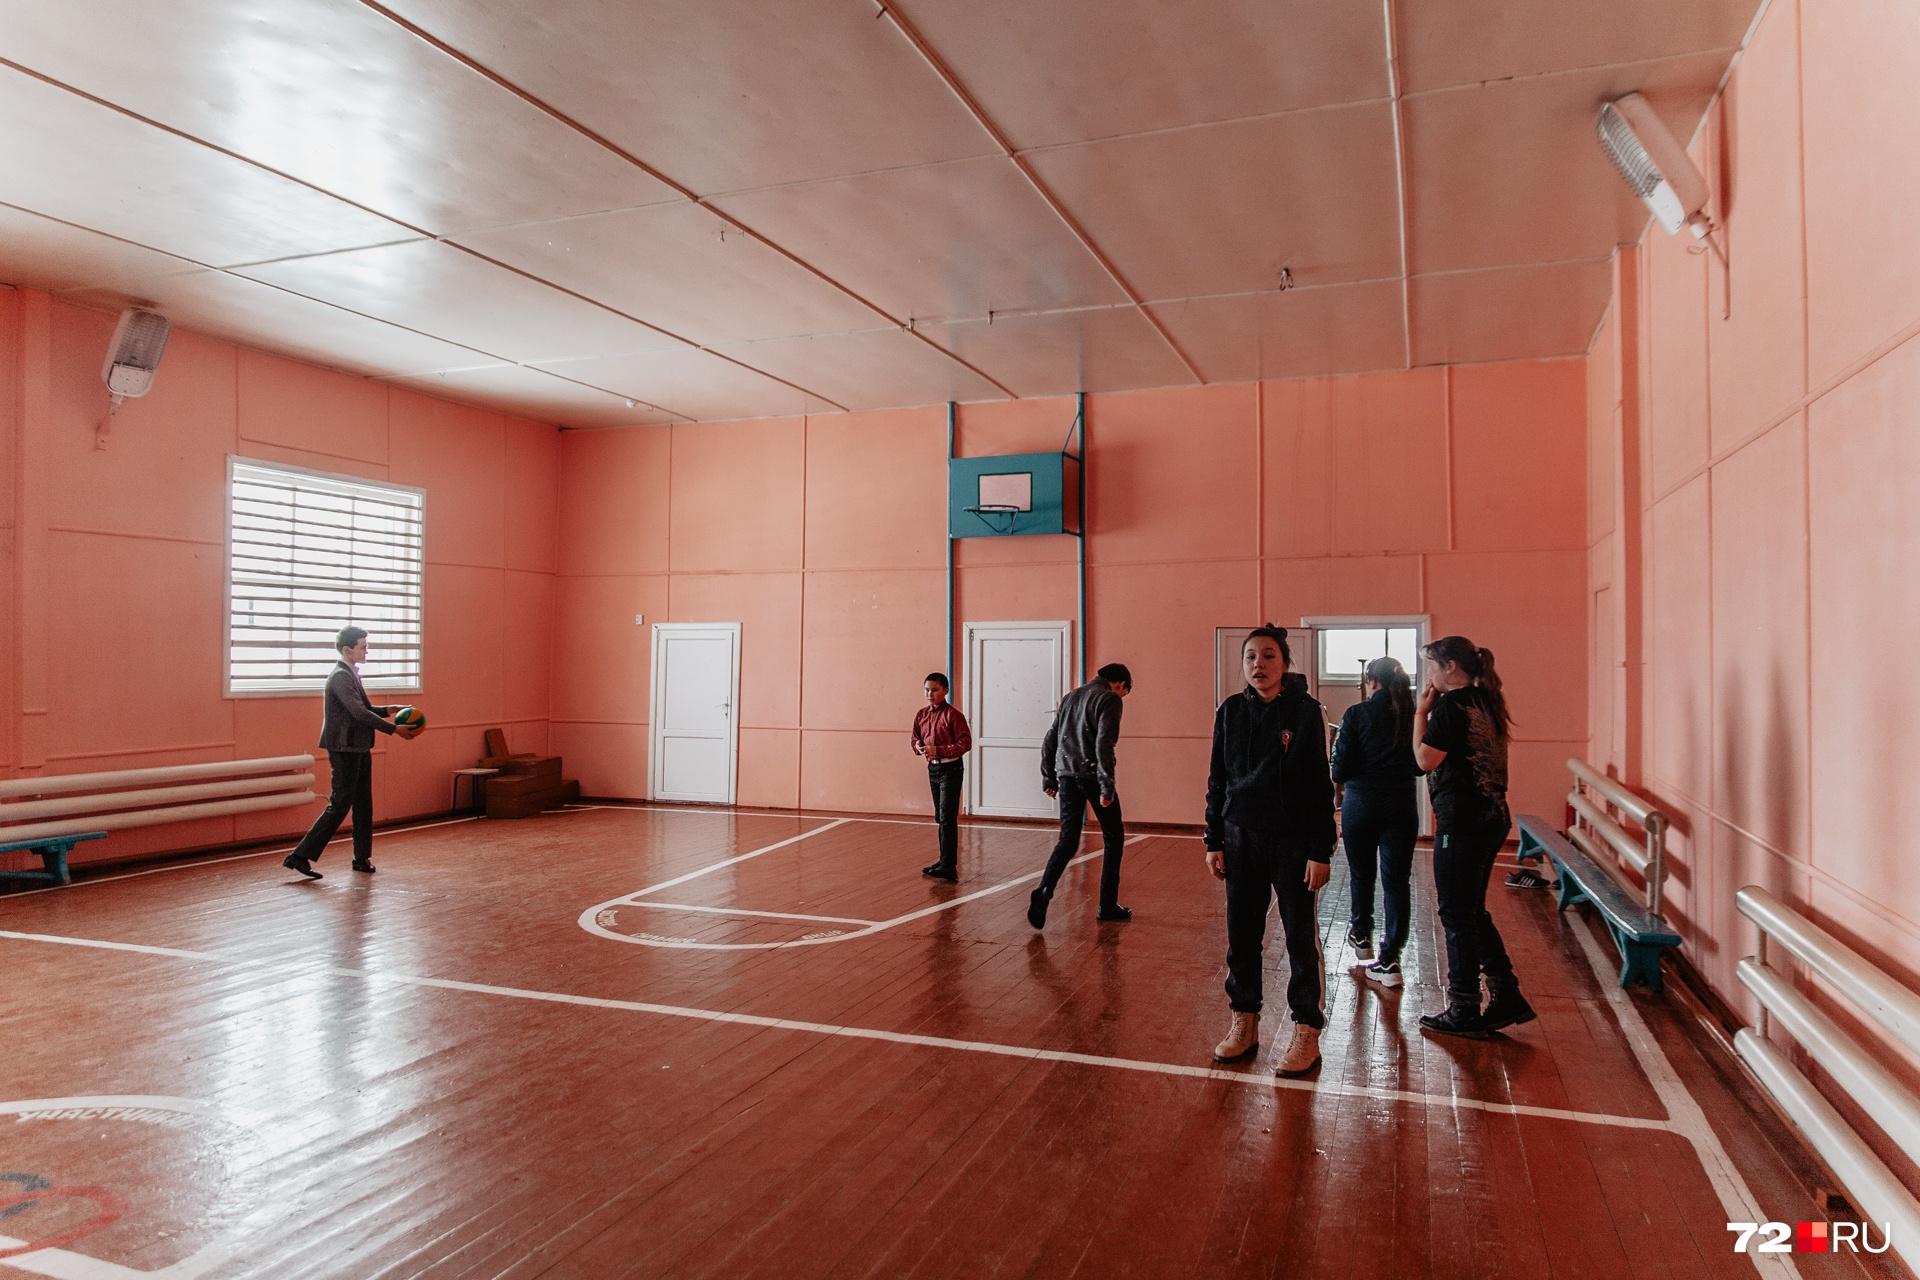 Мы пришли в тот момент, когда ученики были в спортзале